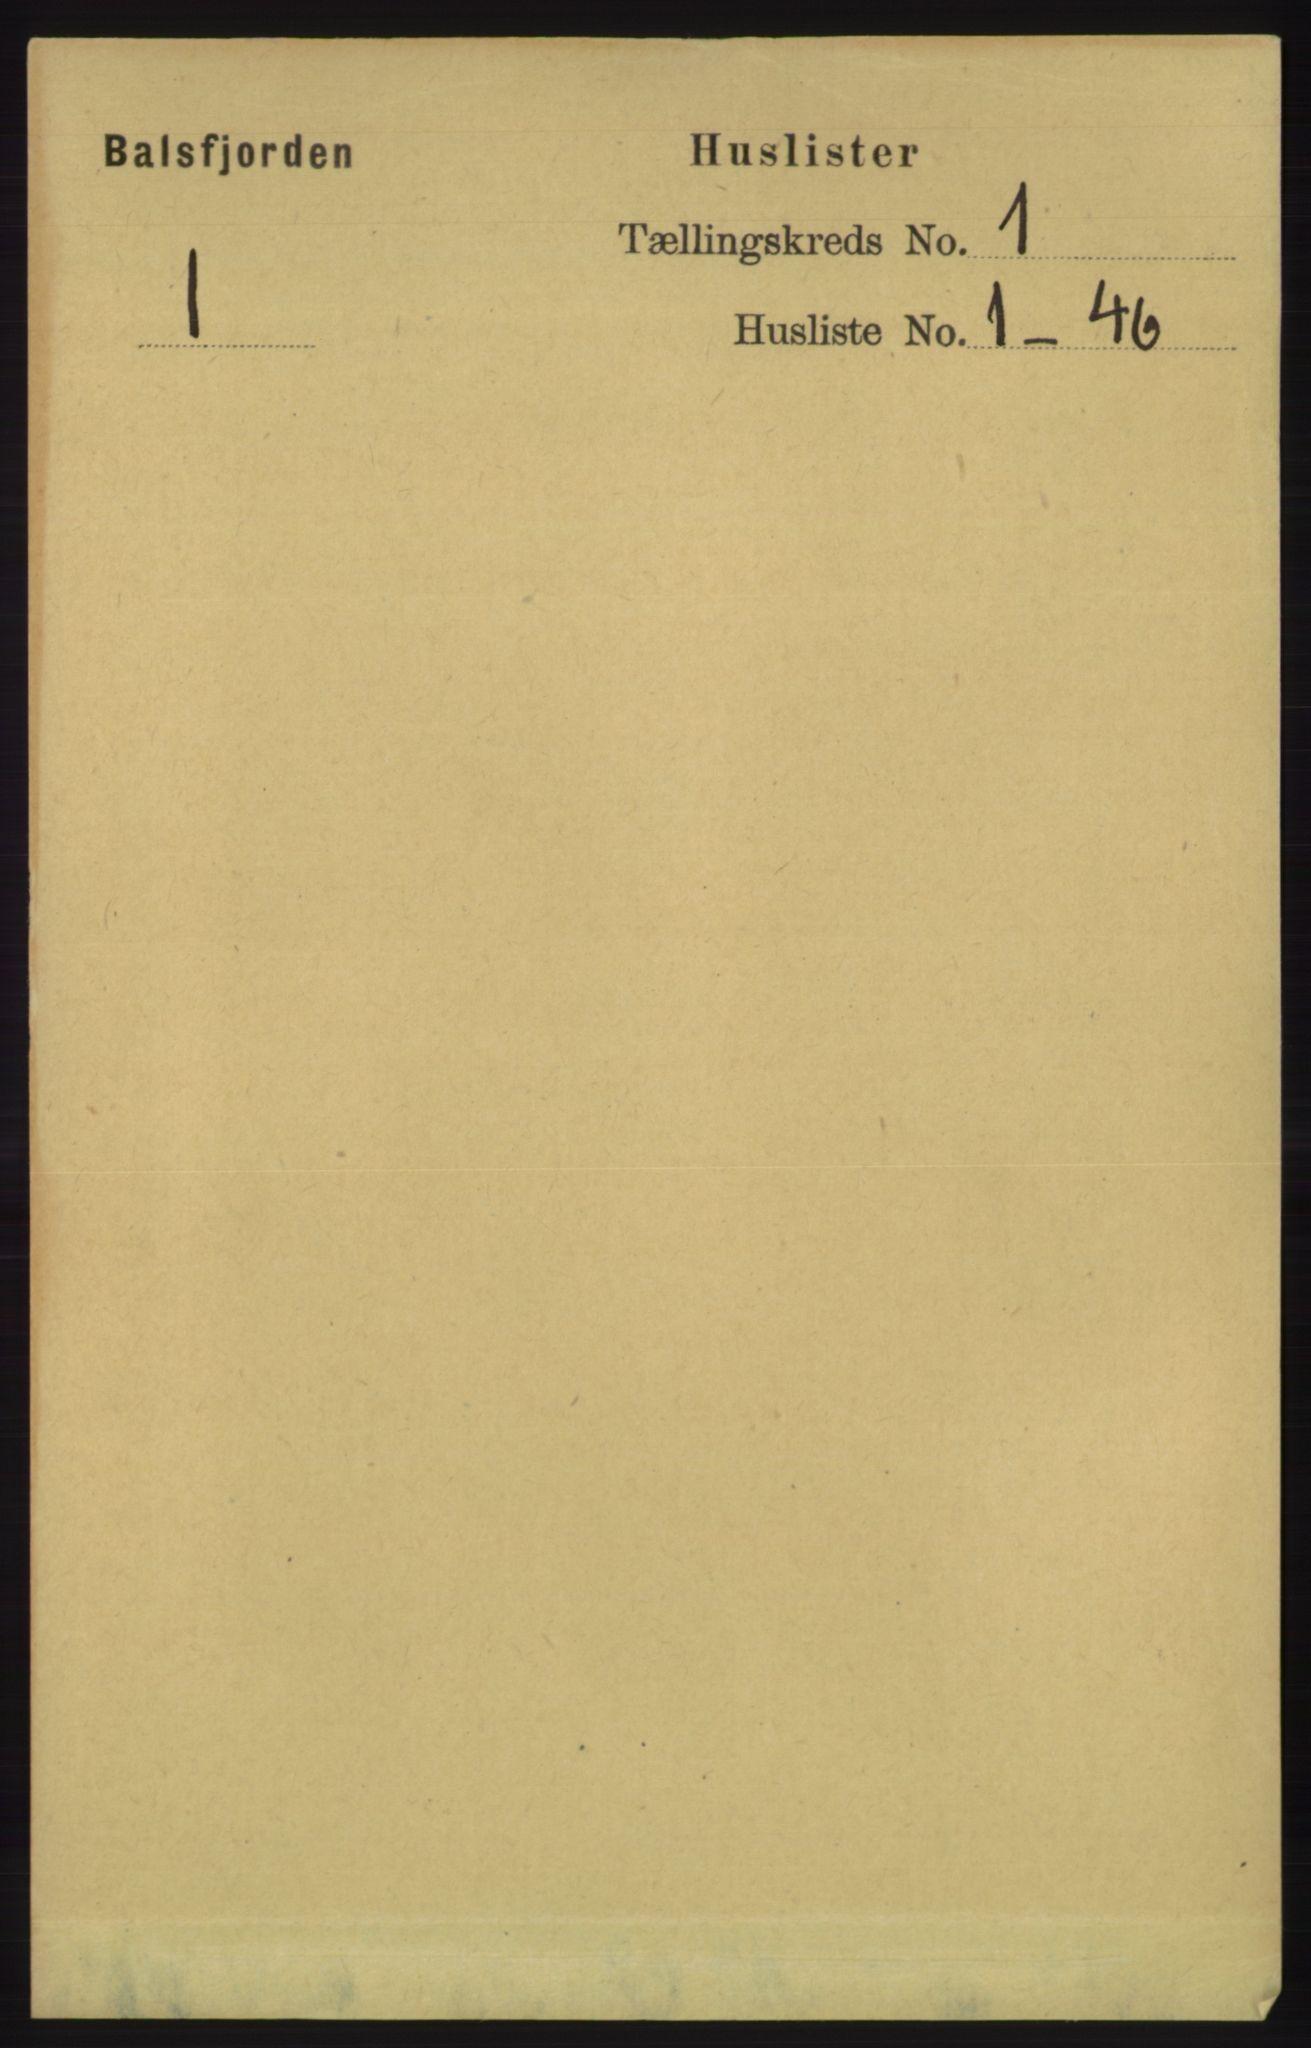 RA, Folketelling 1891 for 1933 Balsfjord herred, 1891, s. 24